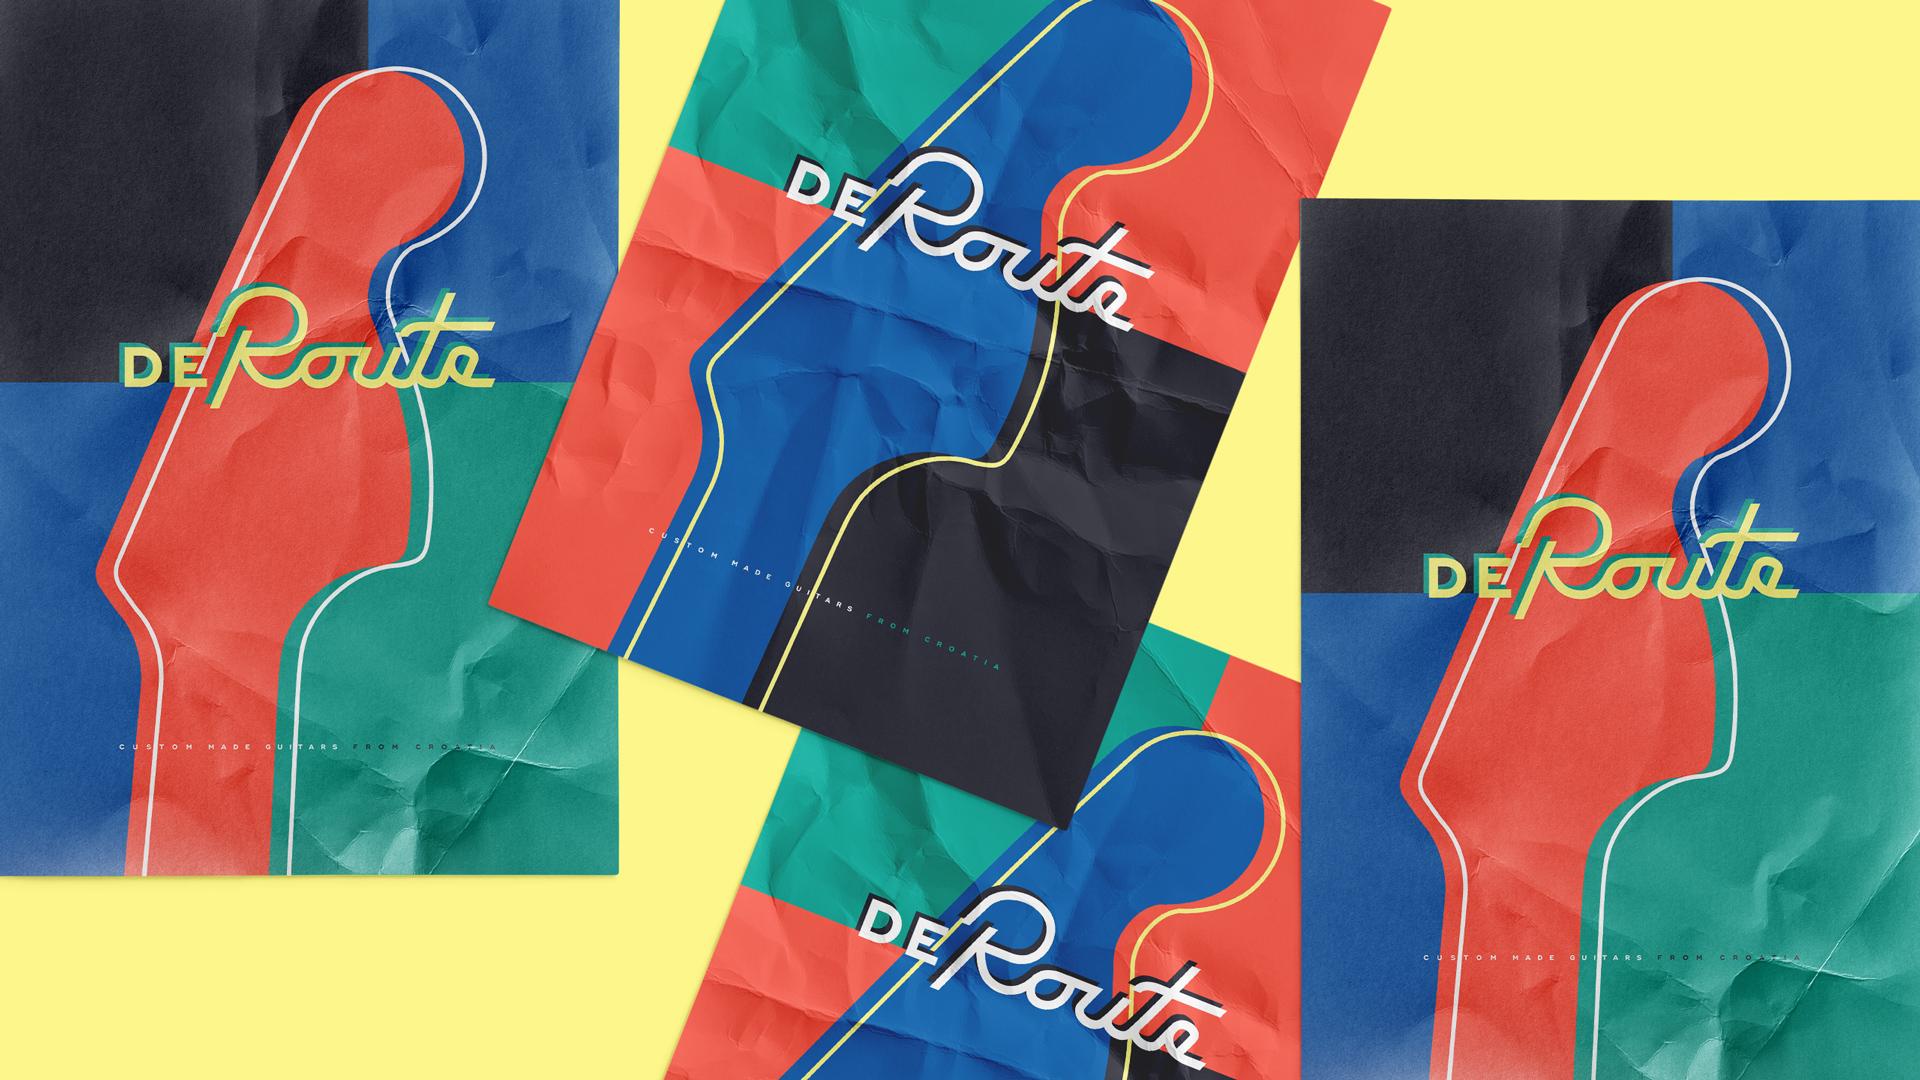 DeRoute-posteri